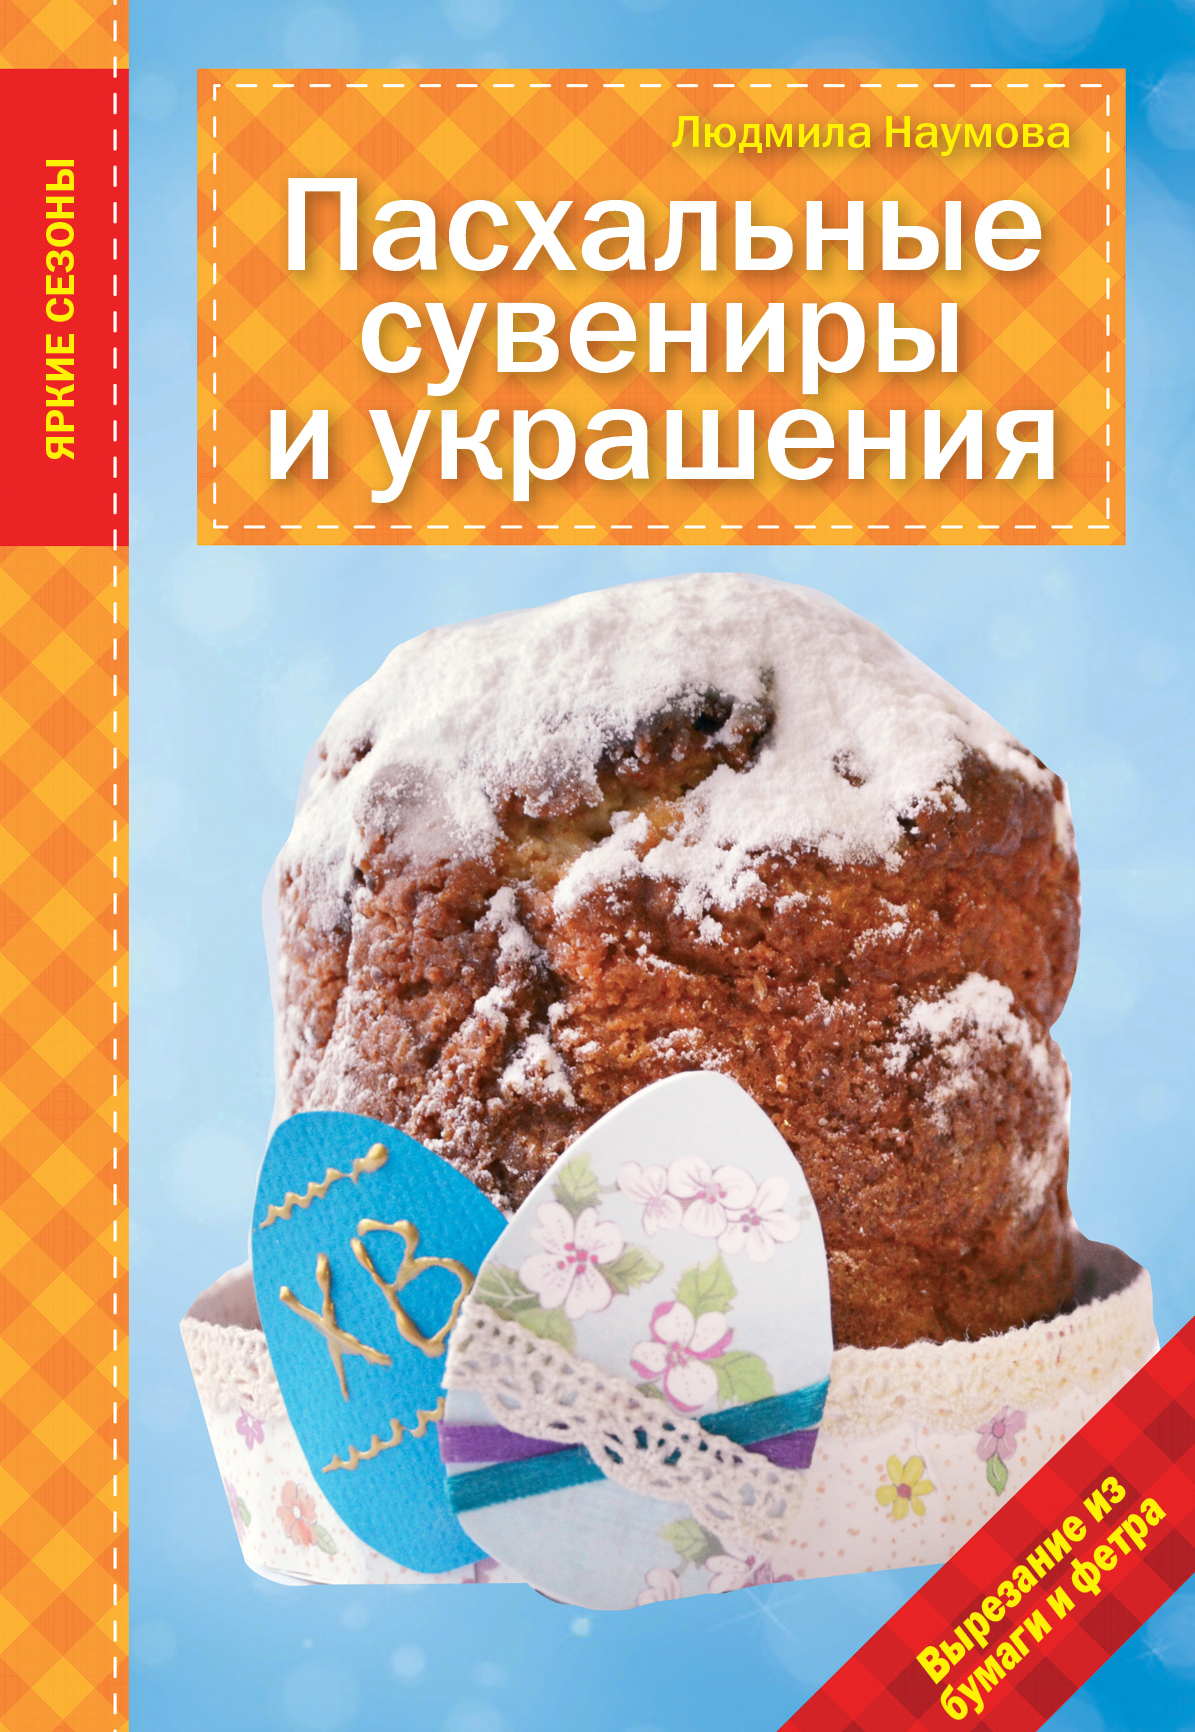 Людмила Наумова Пасхальные сувениры и украшения анастасия данилова пасхальные украшения и подарки своими руками